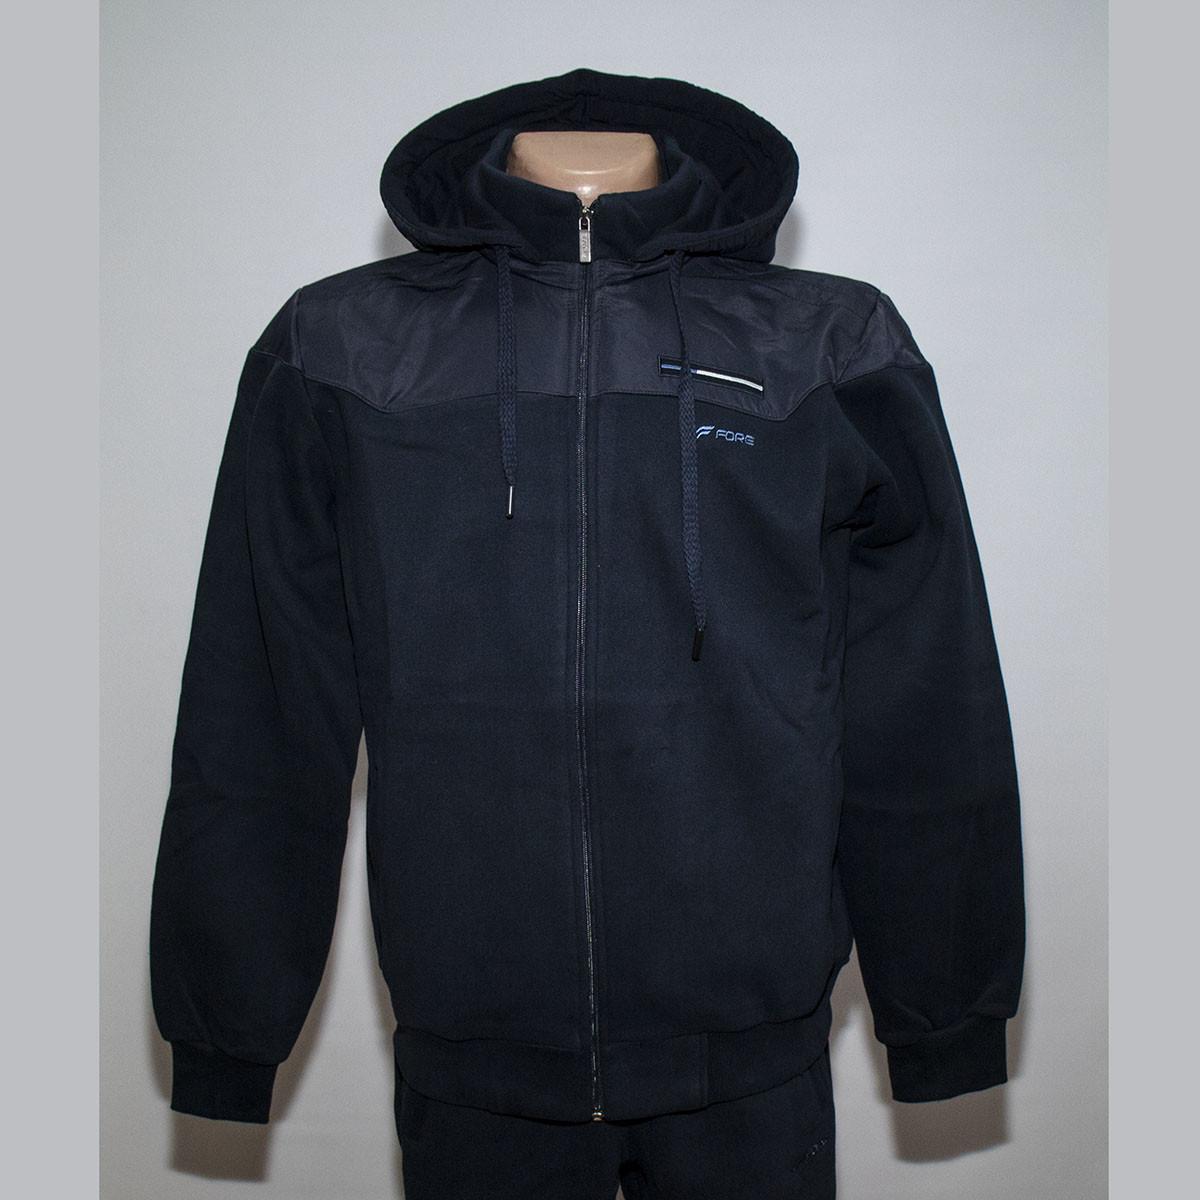 4864a32a1e7c Теплый полубатальный мужской спортивный костюм с капюшоном трехнитка т.м.  Fore 5328g